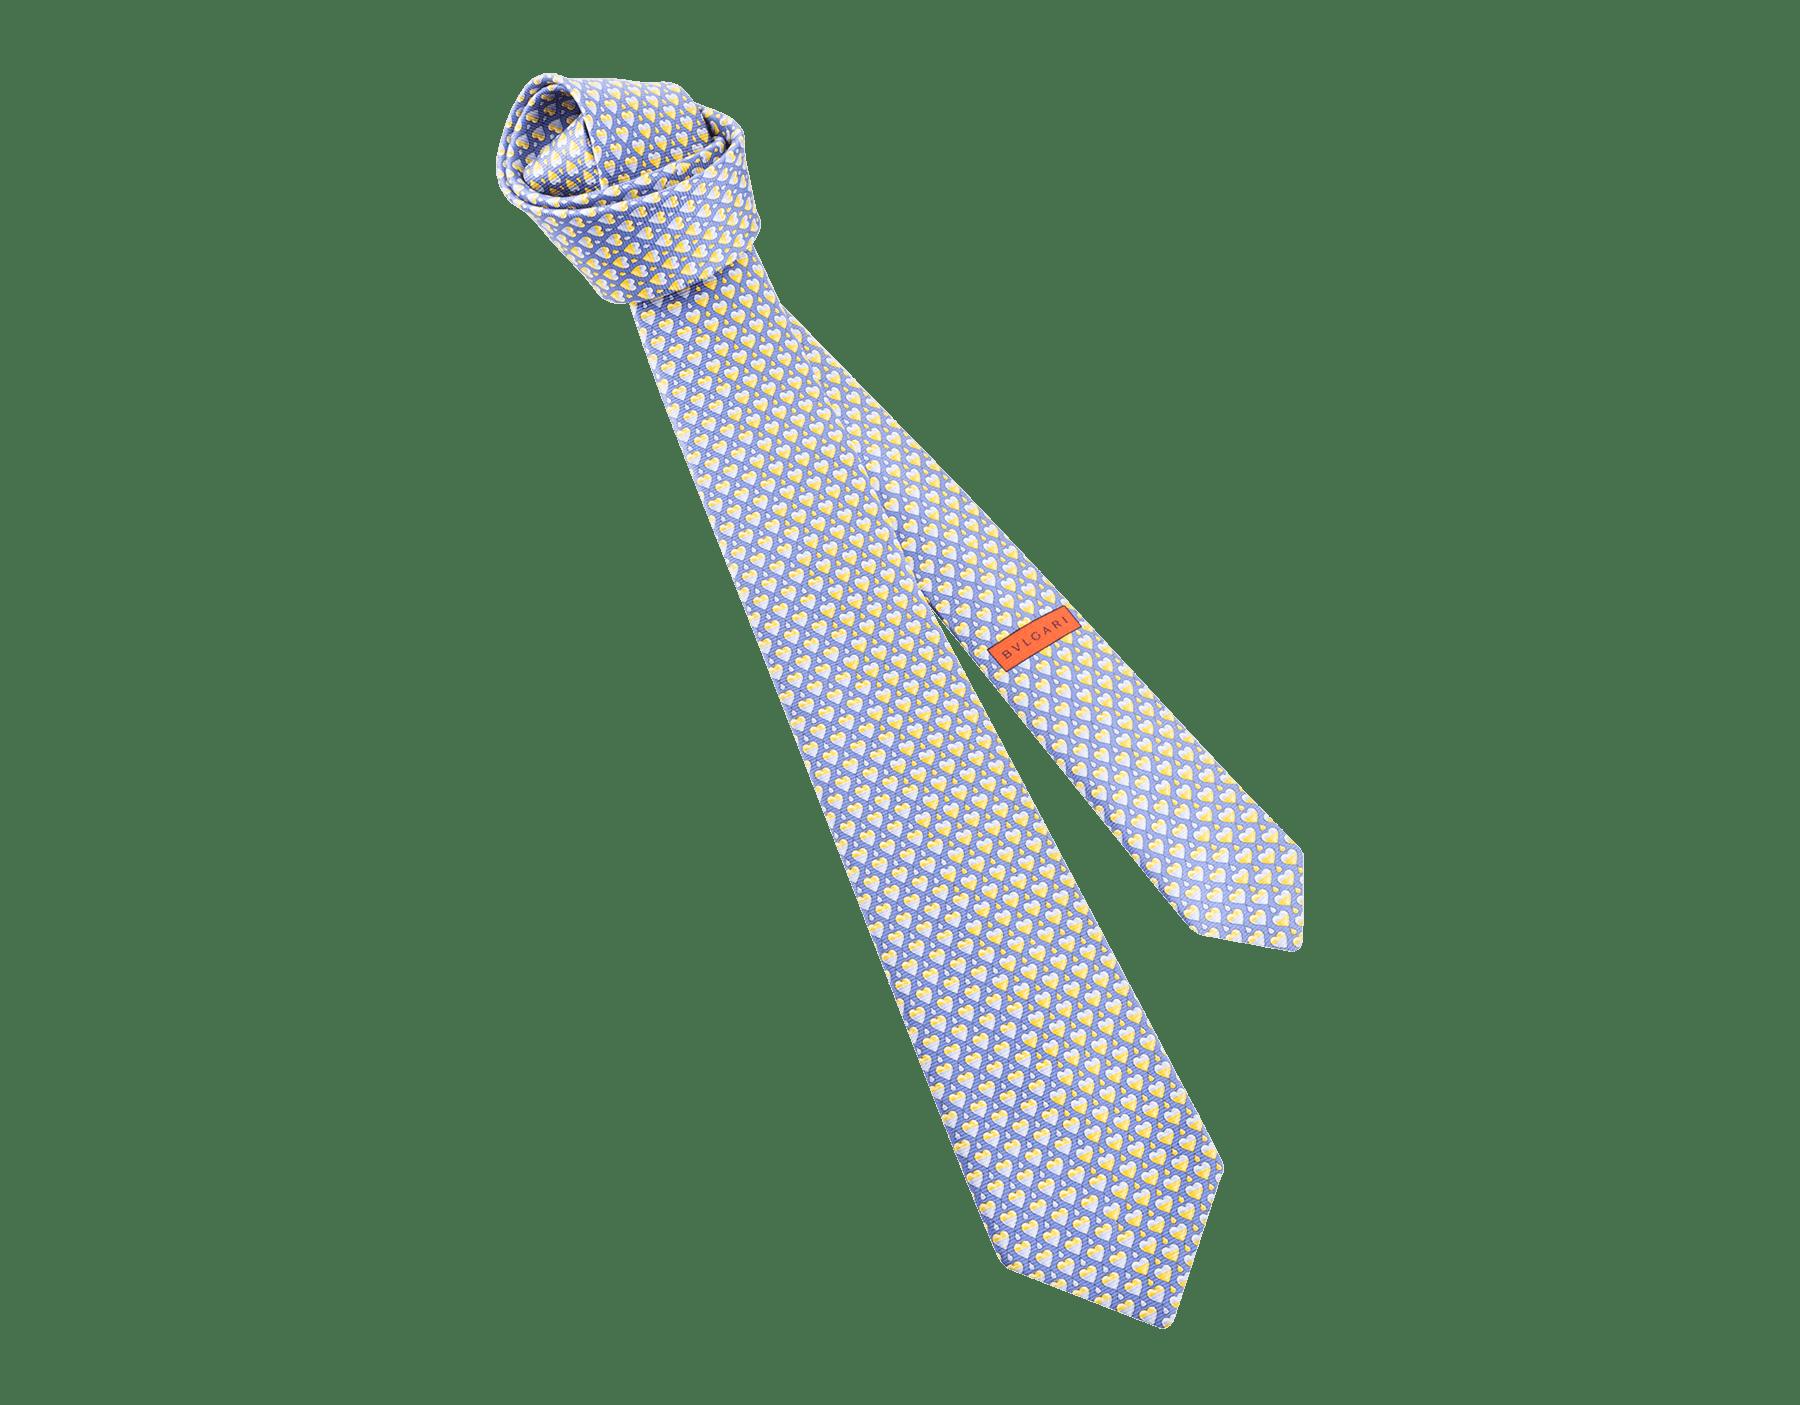 ライラックのドロップ ハート セブンフォールドタイ。上質なサリオーネプリントシルク製。 244338 image 1